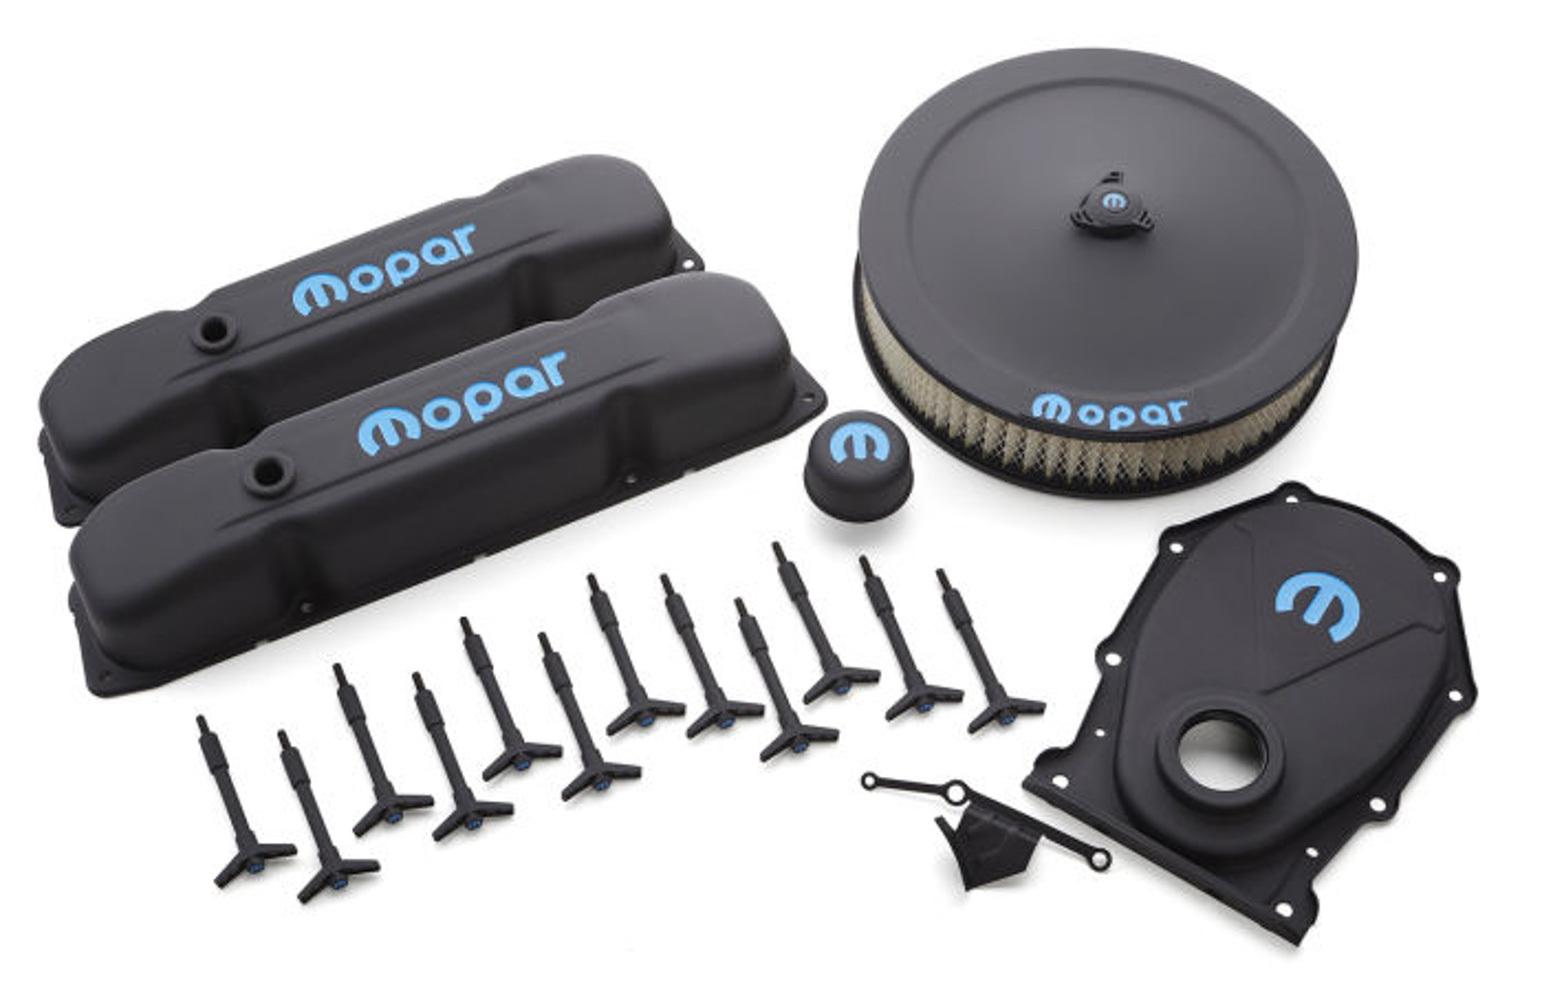 Proform 440-812 Engine Dress Up Kit, Air Cleaner / Valve Covers / Breather / Hardware / Timing Cover, Recessed Blue Mopar Logo, Steel, Black Crinkle, Mopar B / RB-Series, Kit